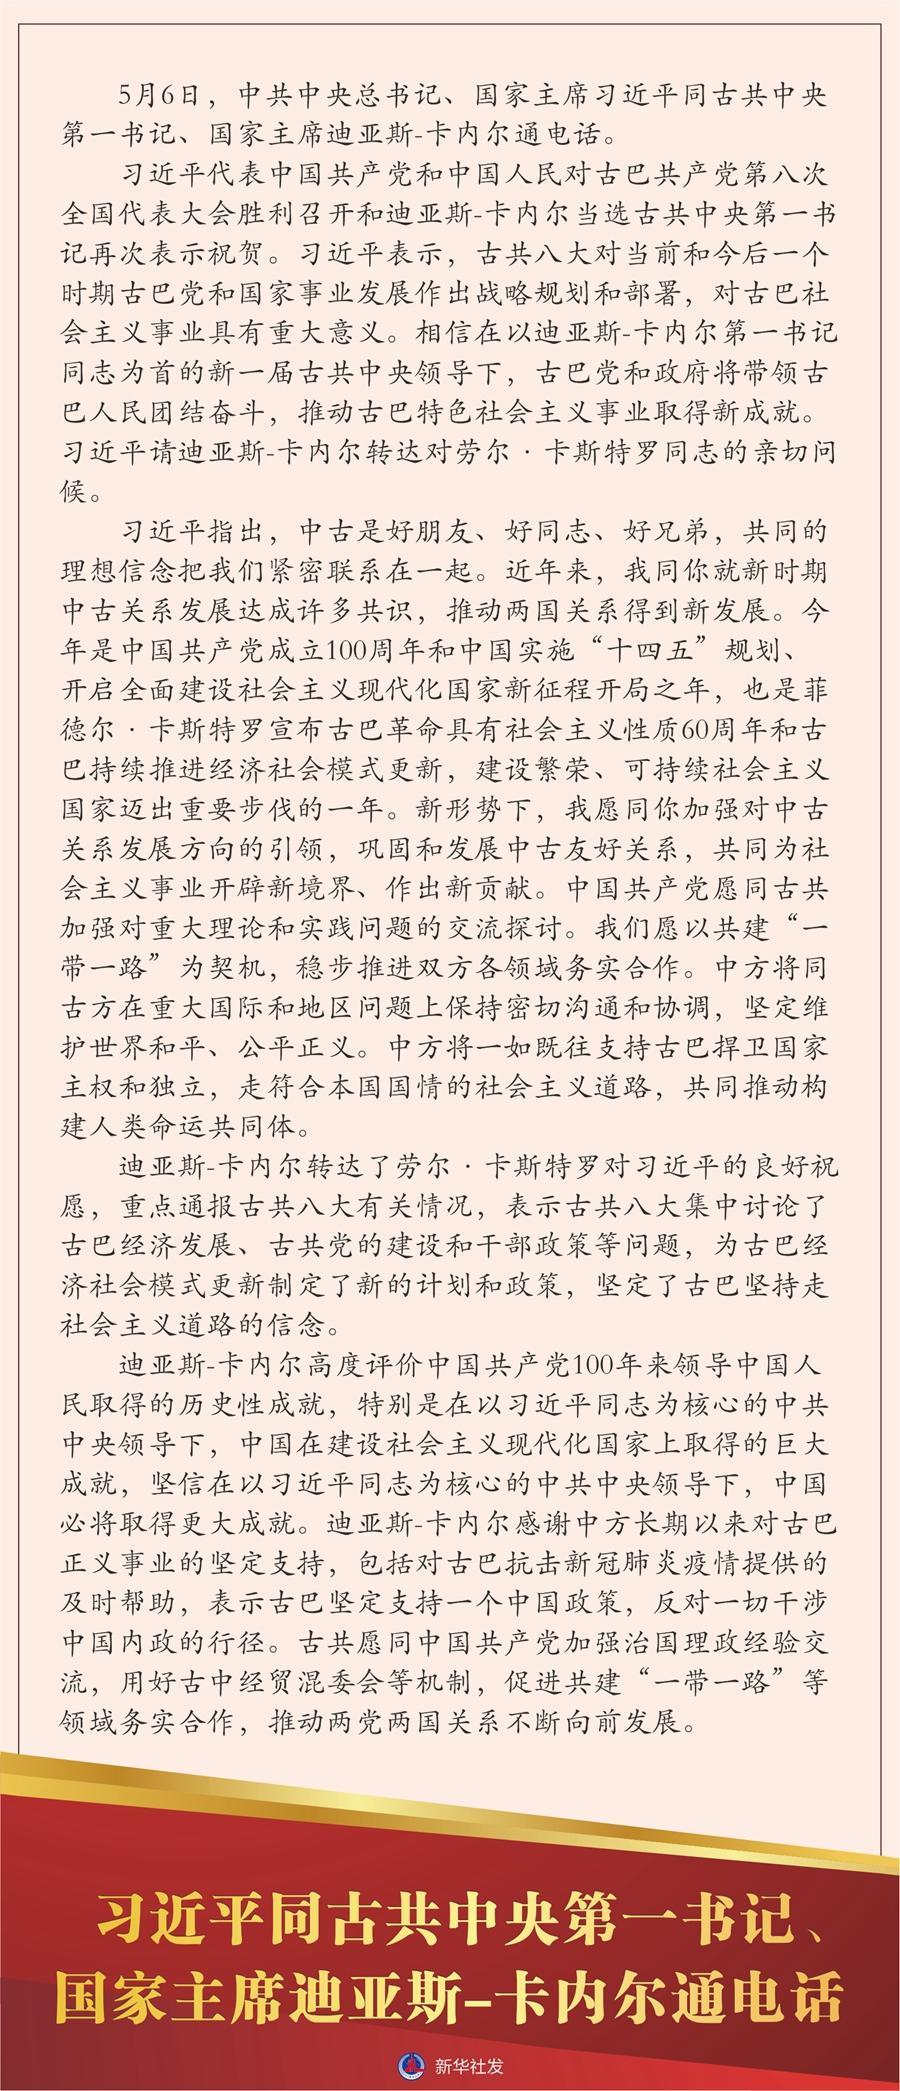 习近平同古共中央第一书记、国家主席迪亚斯